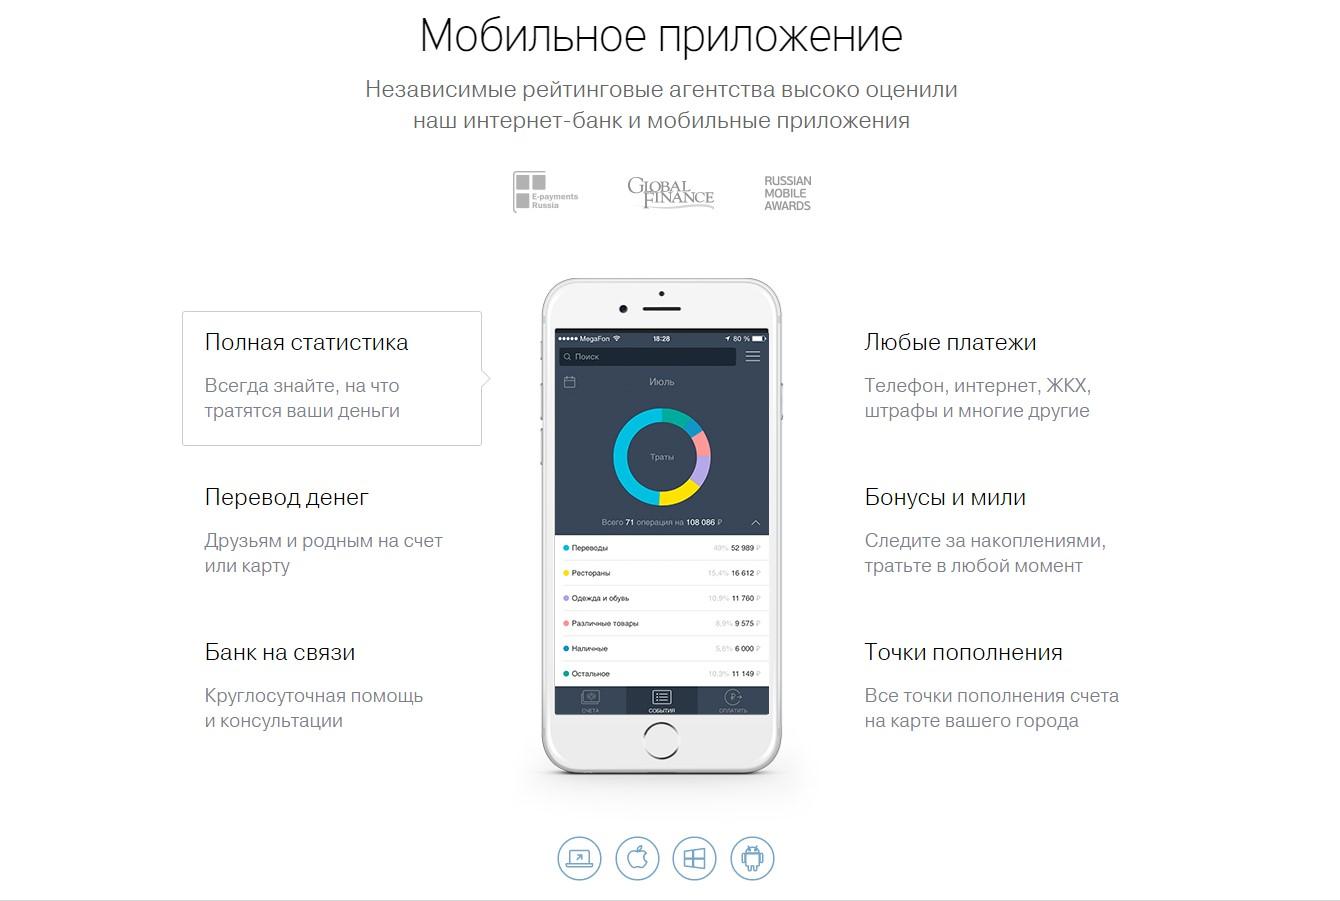 Управление счетами через мобильный банкинг